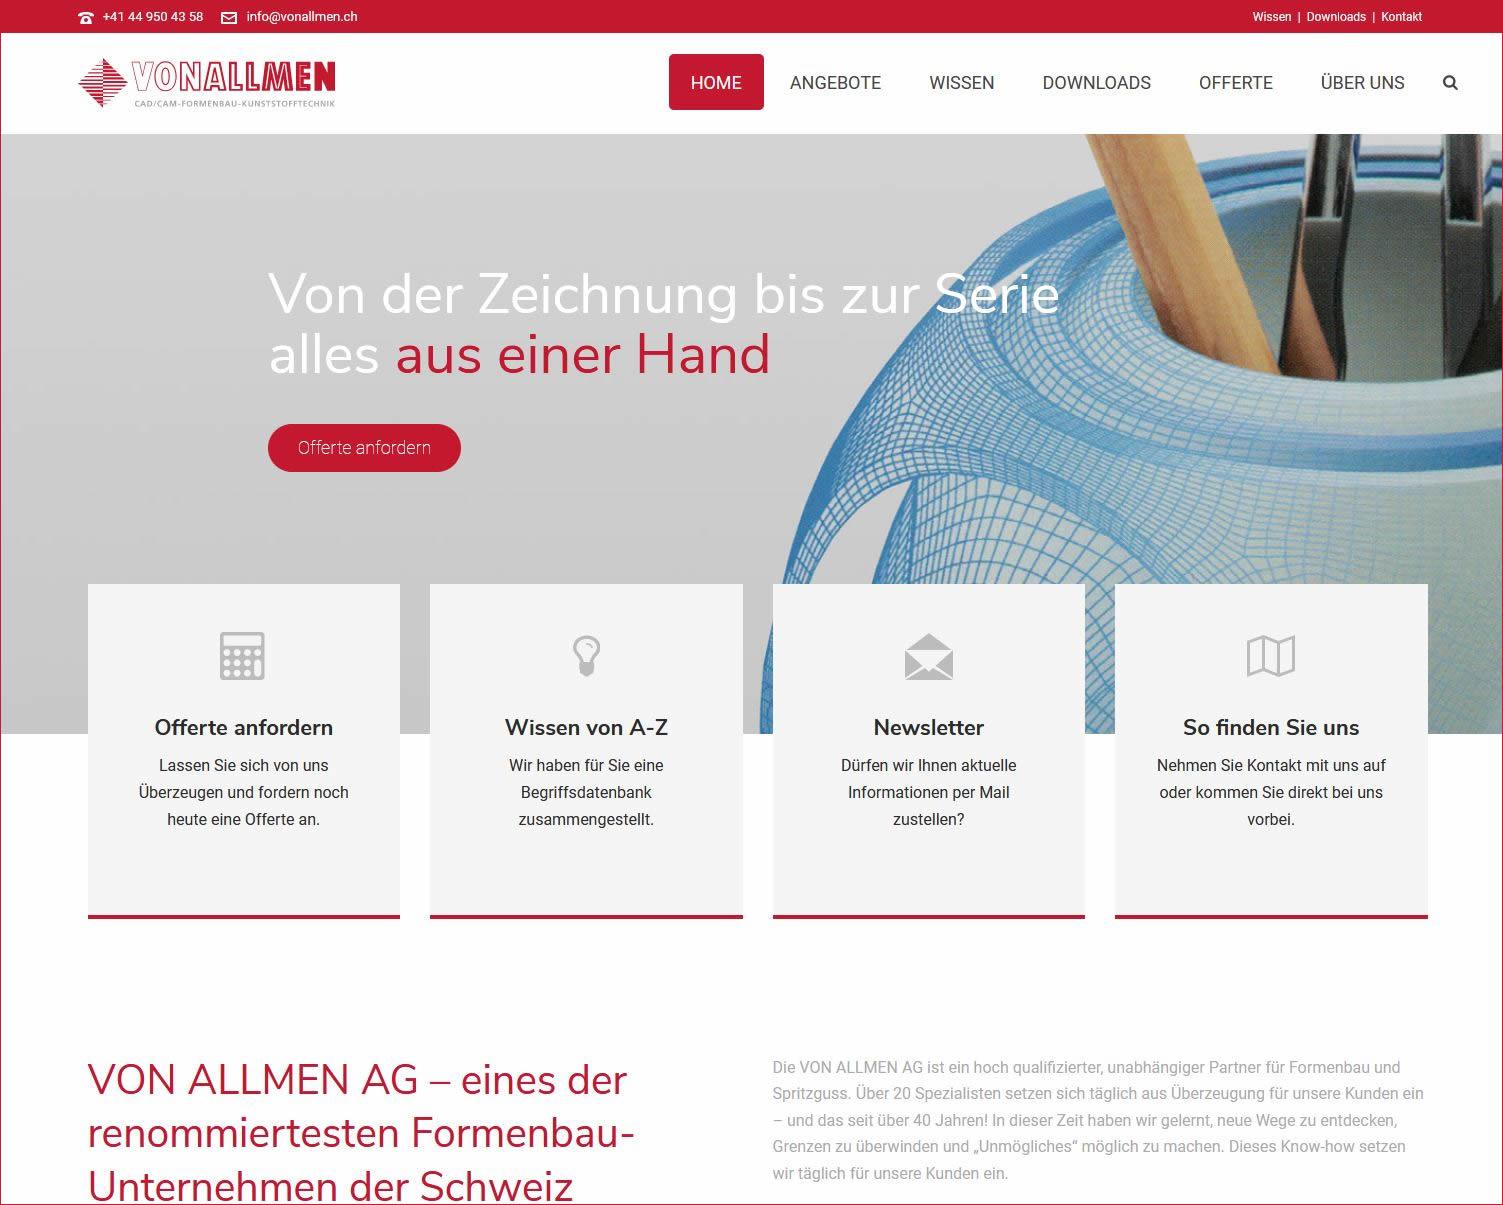 Formenbau Rapid Prototyping, Spritzgiessen - made im Zürcher Oberland